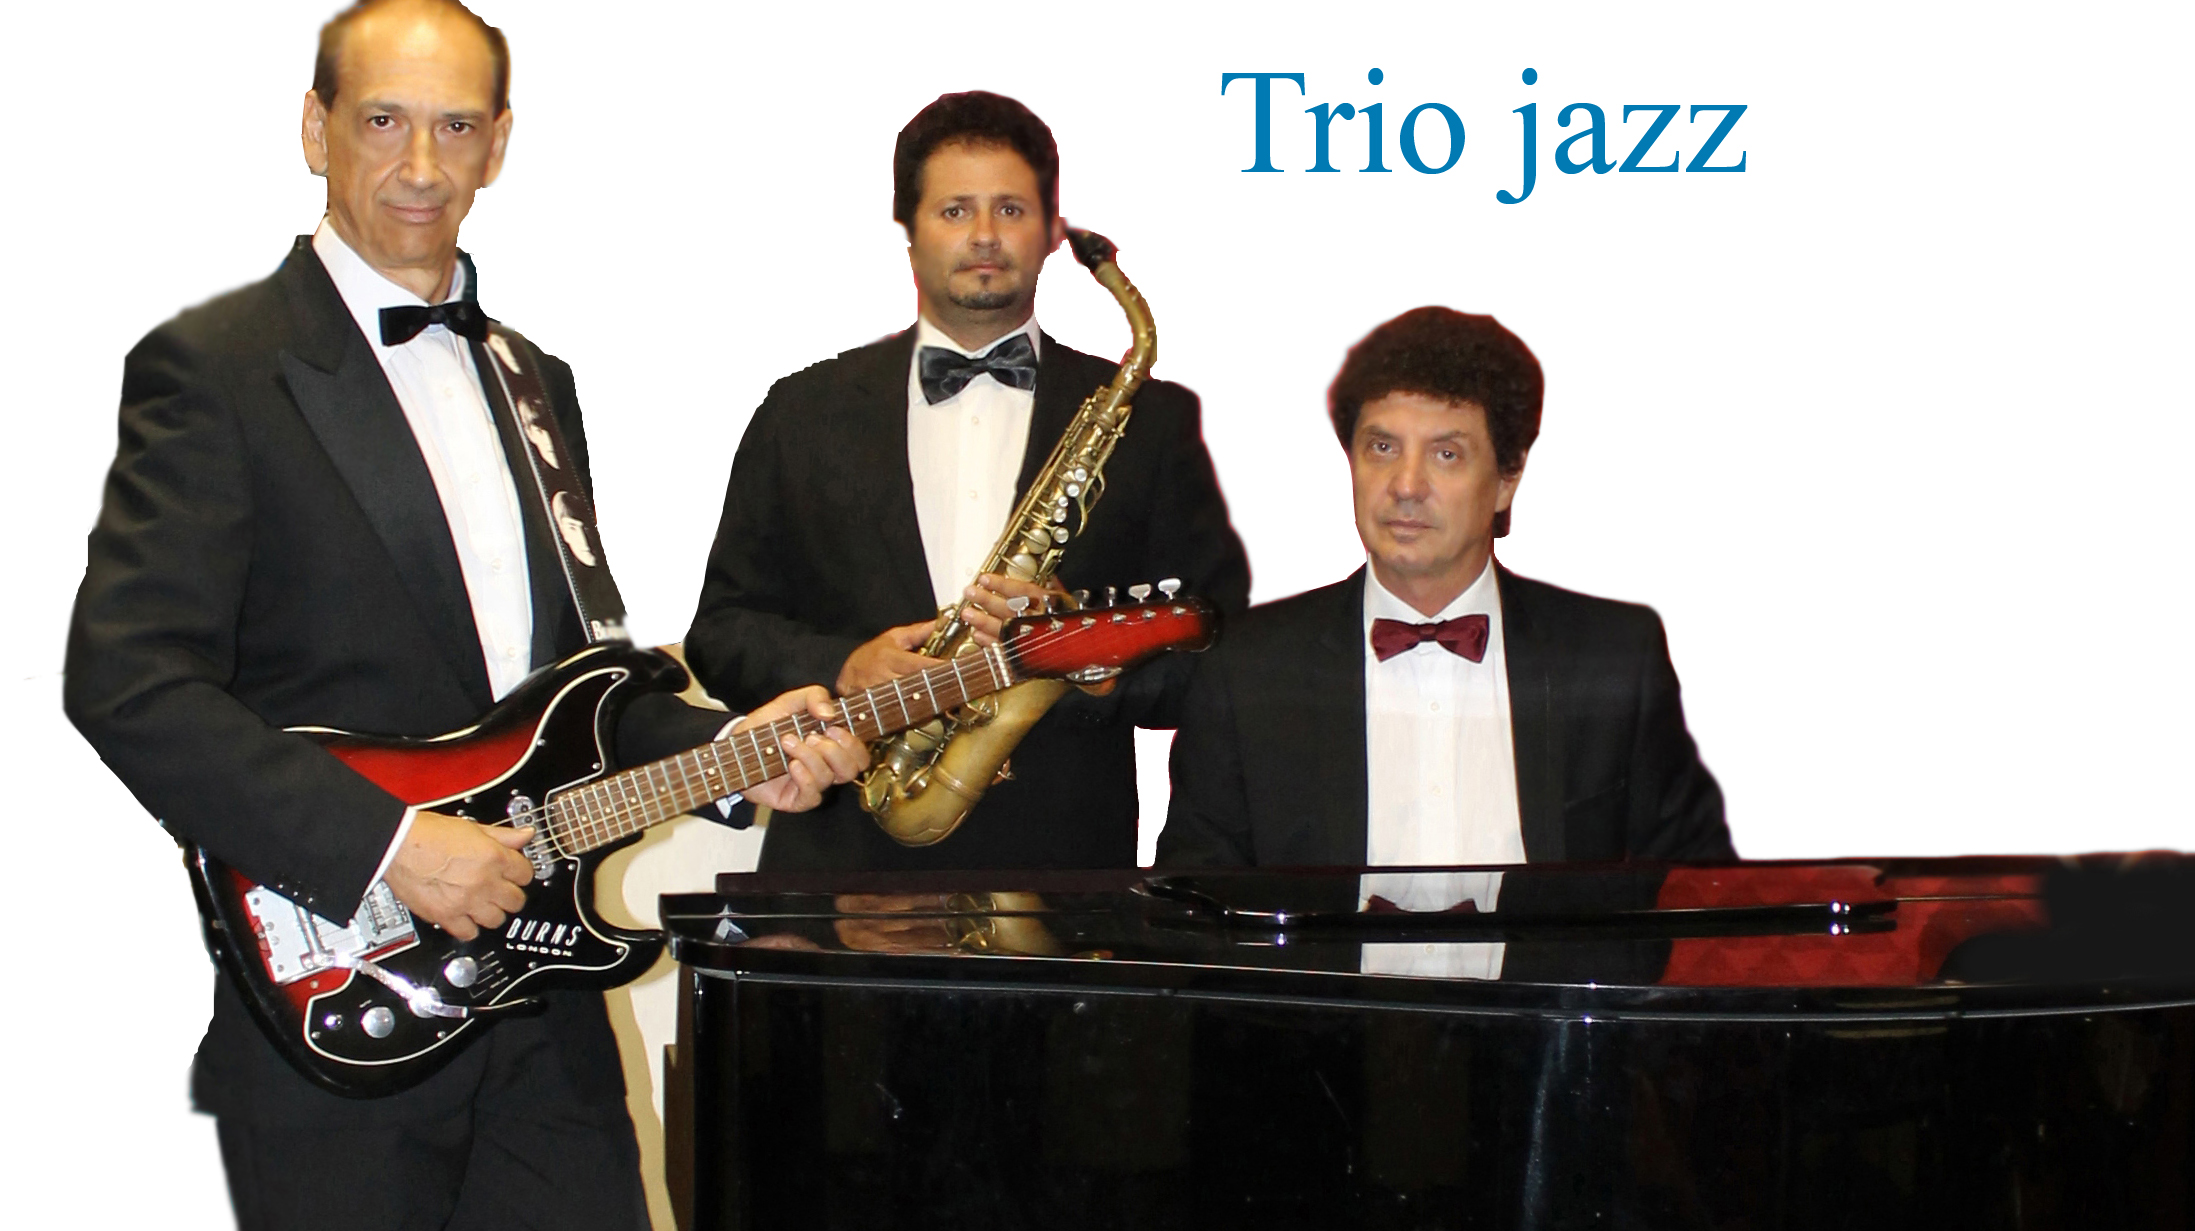 Matrimonio In Jazz : Jazz matrimonio roma matrimoni feste